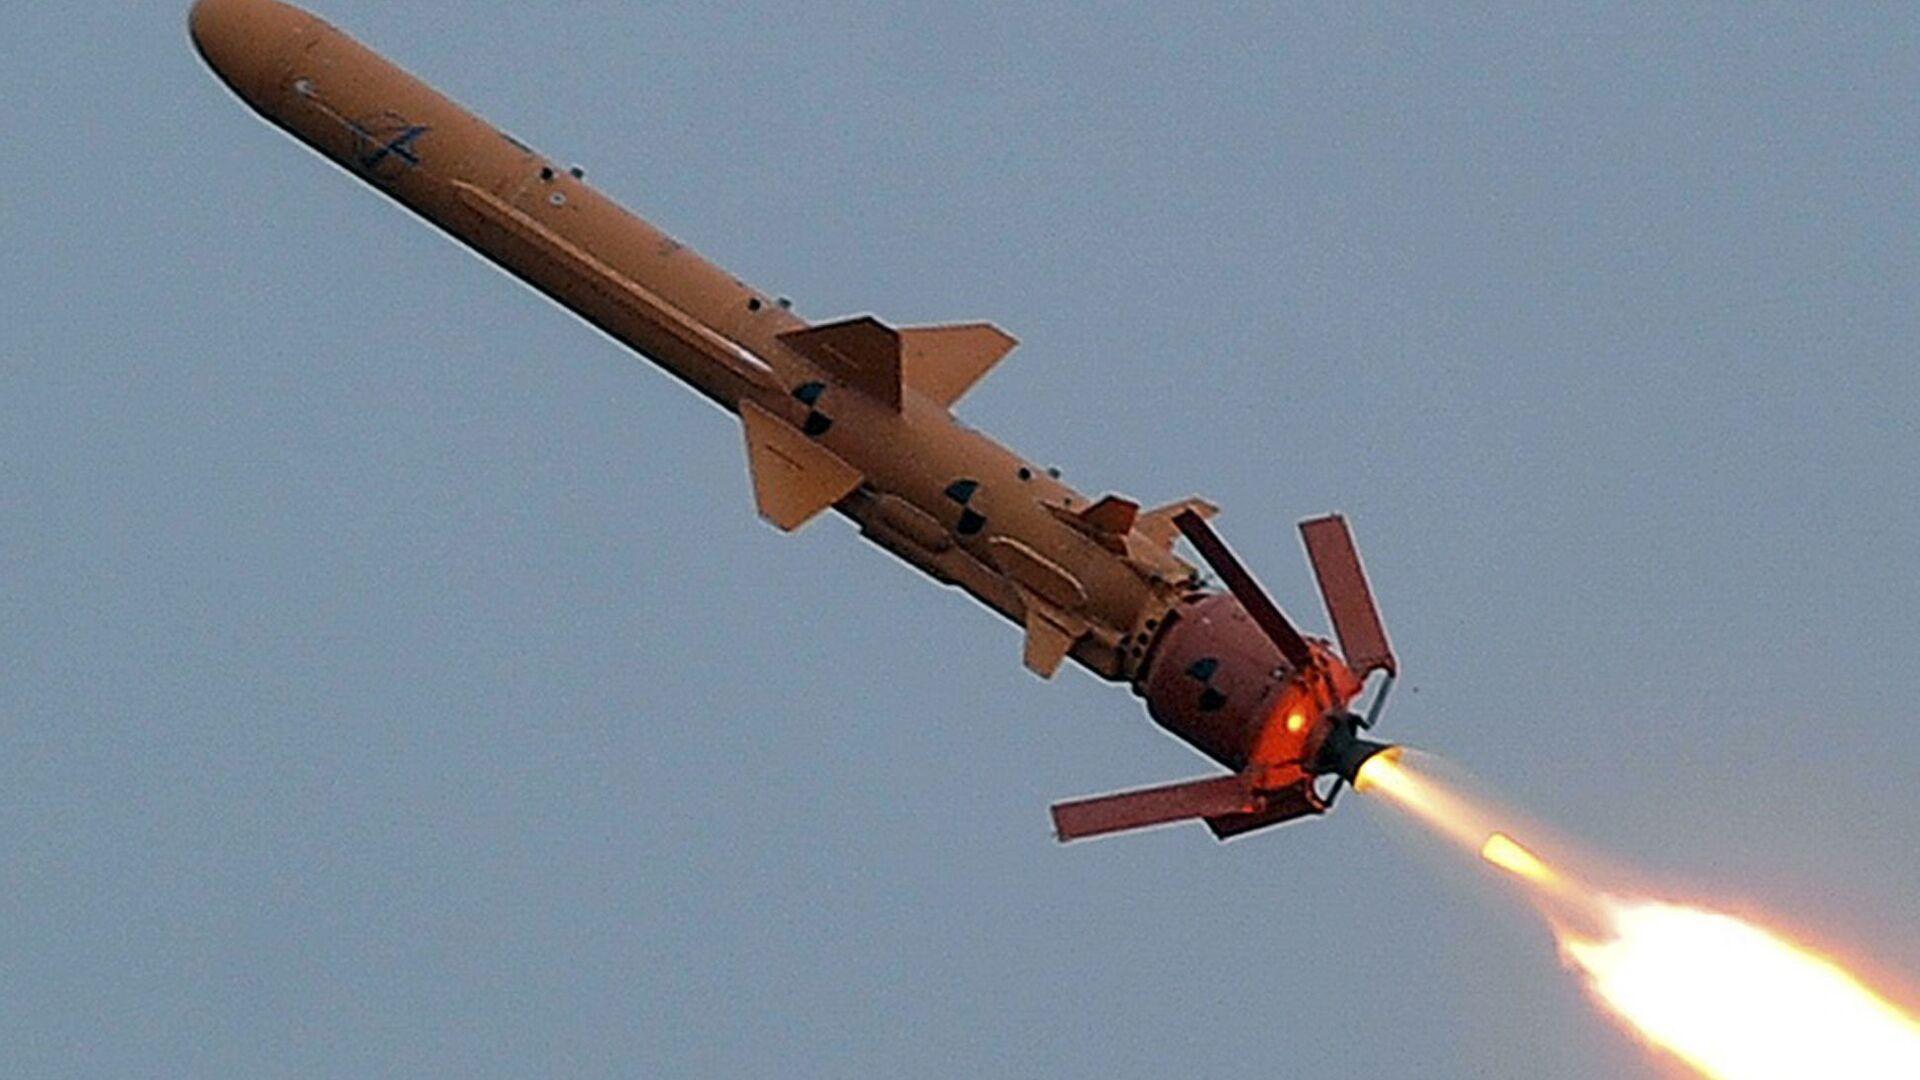 Испытание ракетного комплекса С-125 на полигоне в Одесской области - РИА Новости, 1920, 29.12.2020